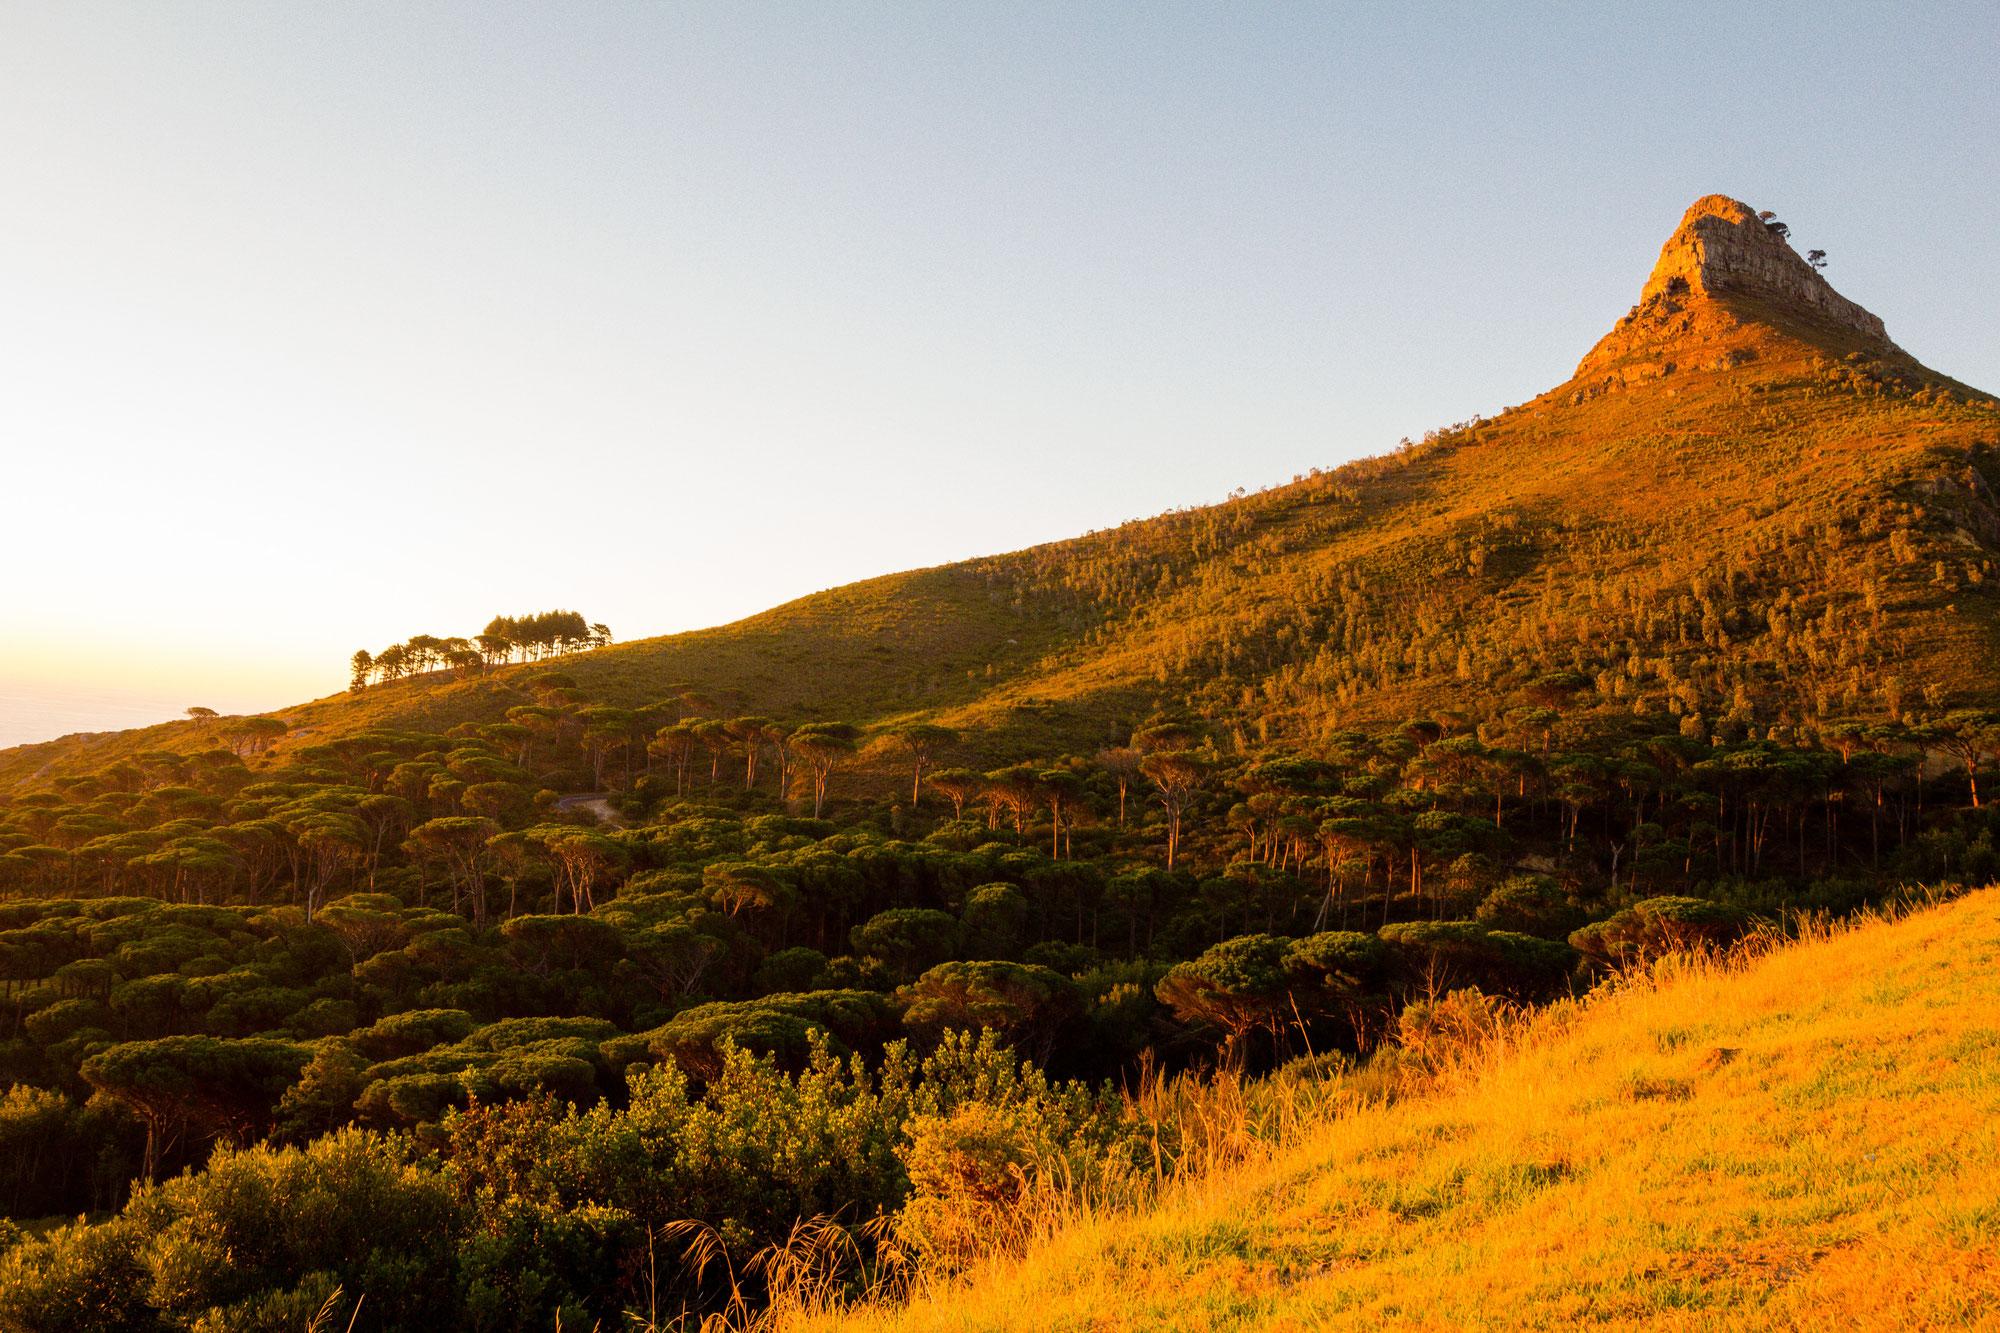 Cape Town's best hike: Lion's Head